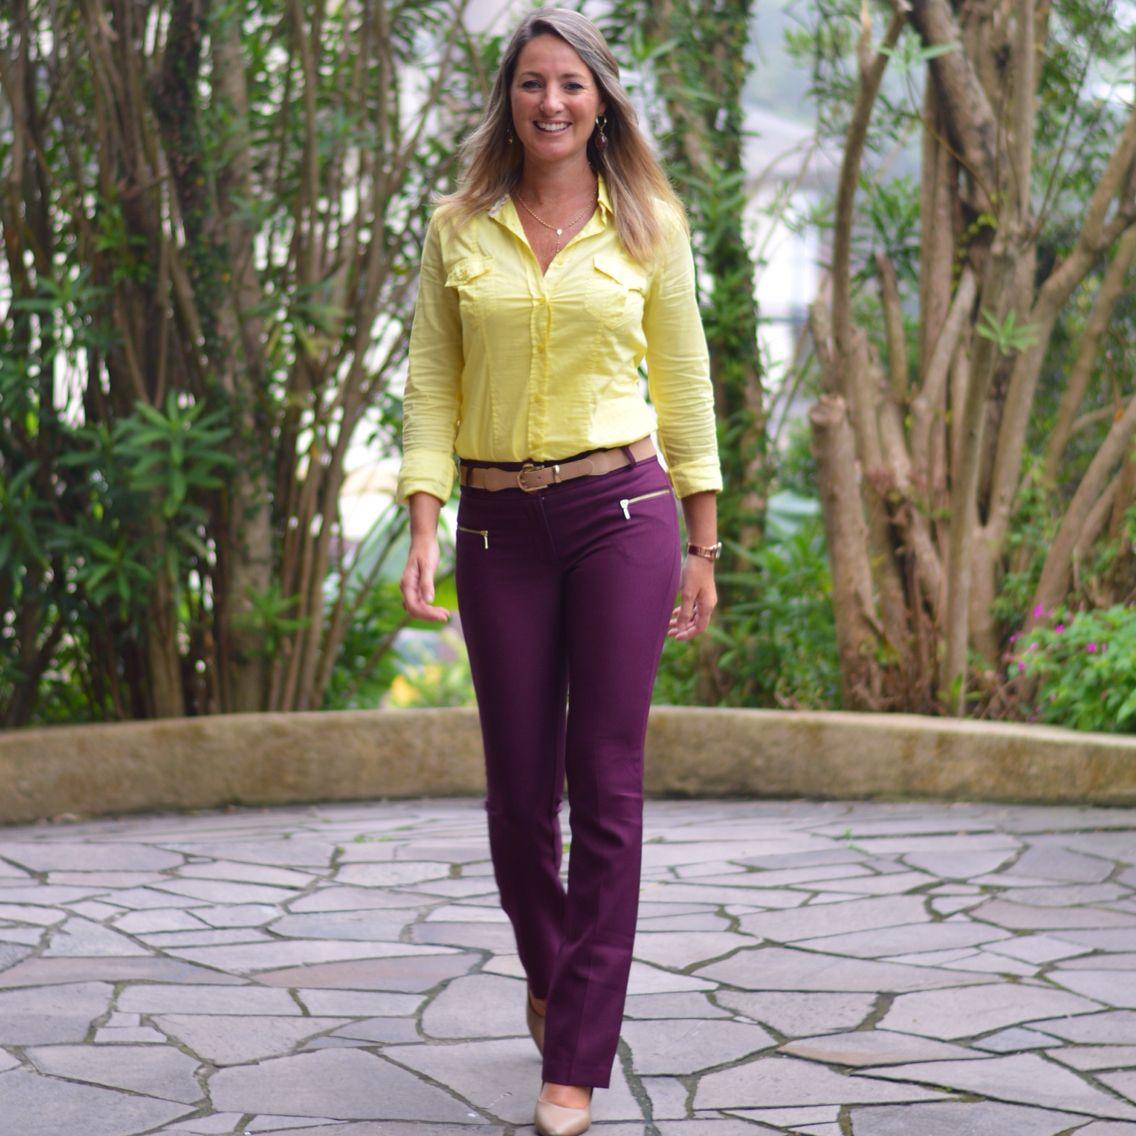 25cd0a5354 Look de trabalho - camisa amarela - amarelo e roxo - calça roxa - burgundy  - look de verão - yellow - work outfit - look executiva - moda corporativa